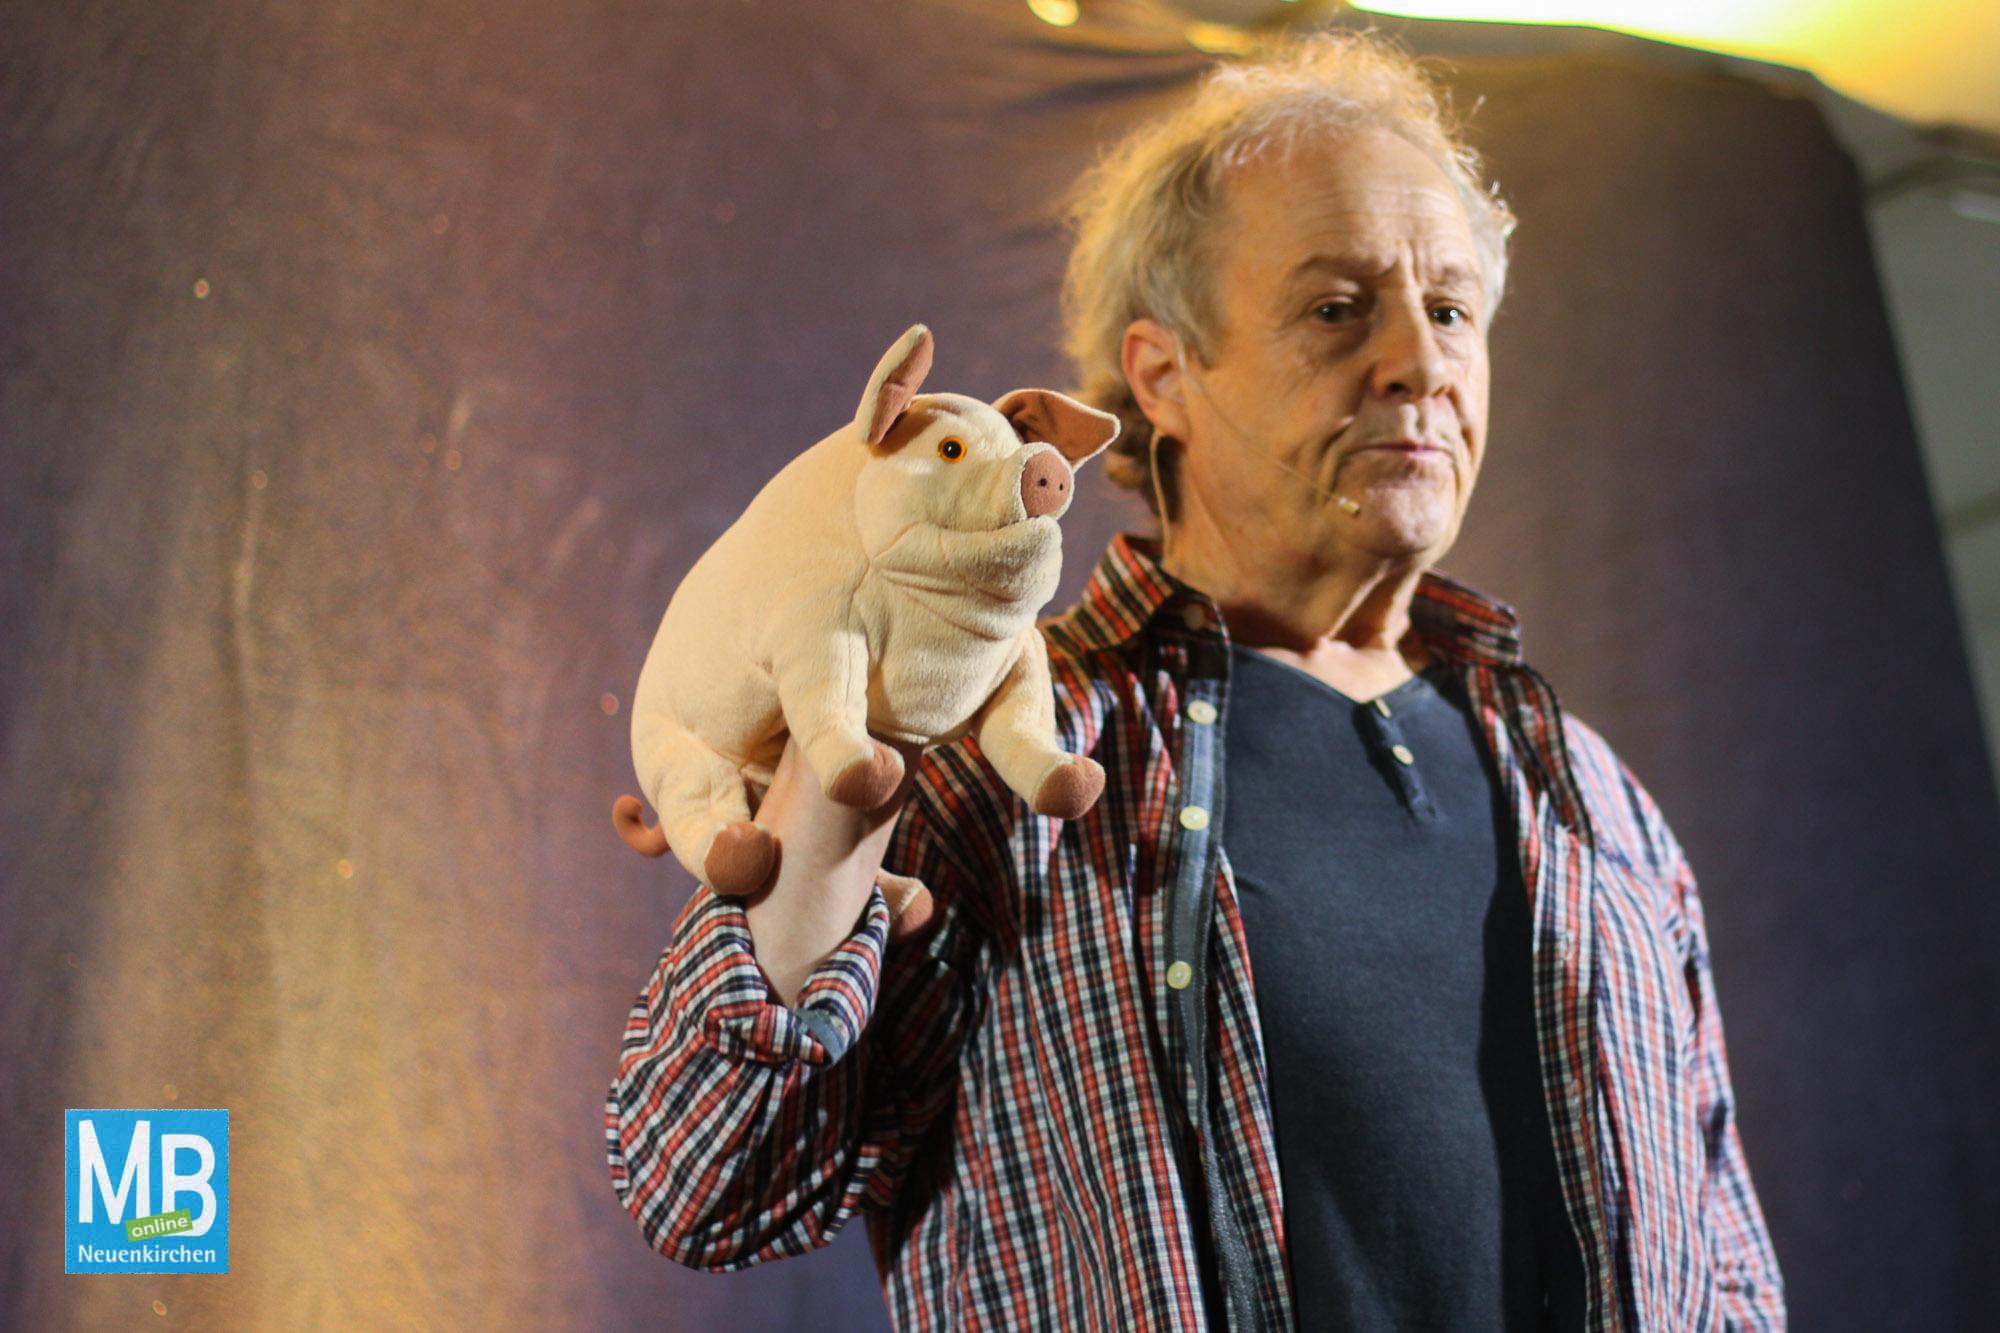 Eine bunte Mischung aus Witz, Musik und Theater bei der letzten Tour von Komödiant Kalle Pohl. | Foto: Kaumanns